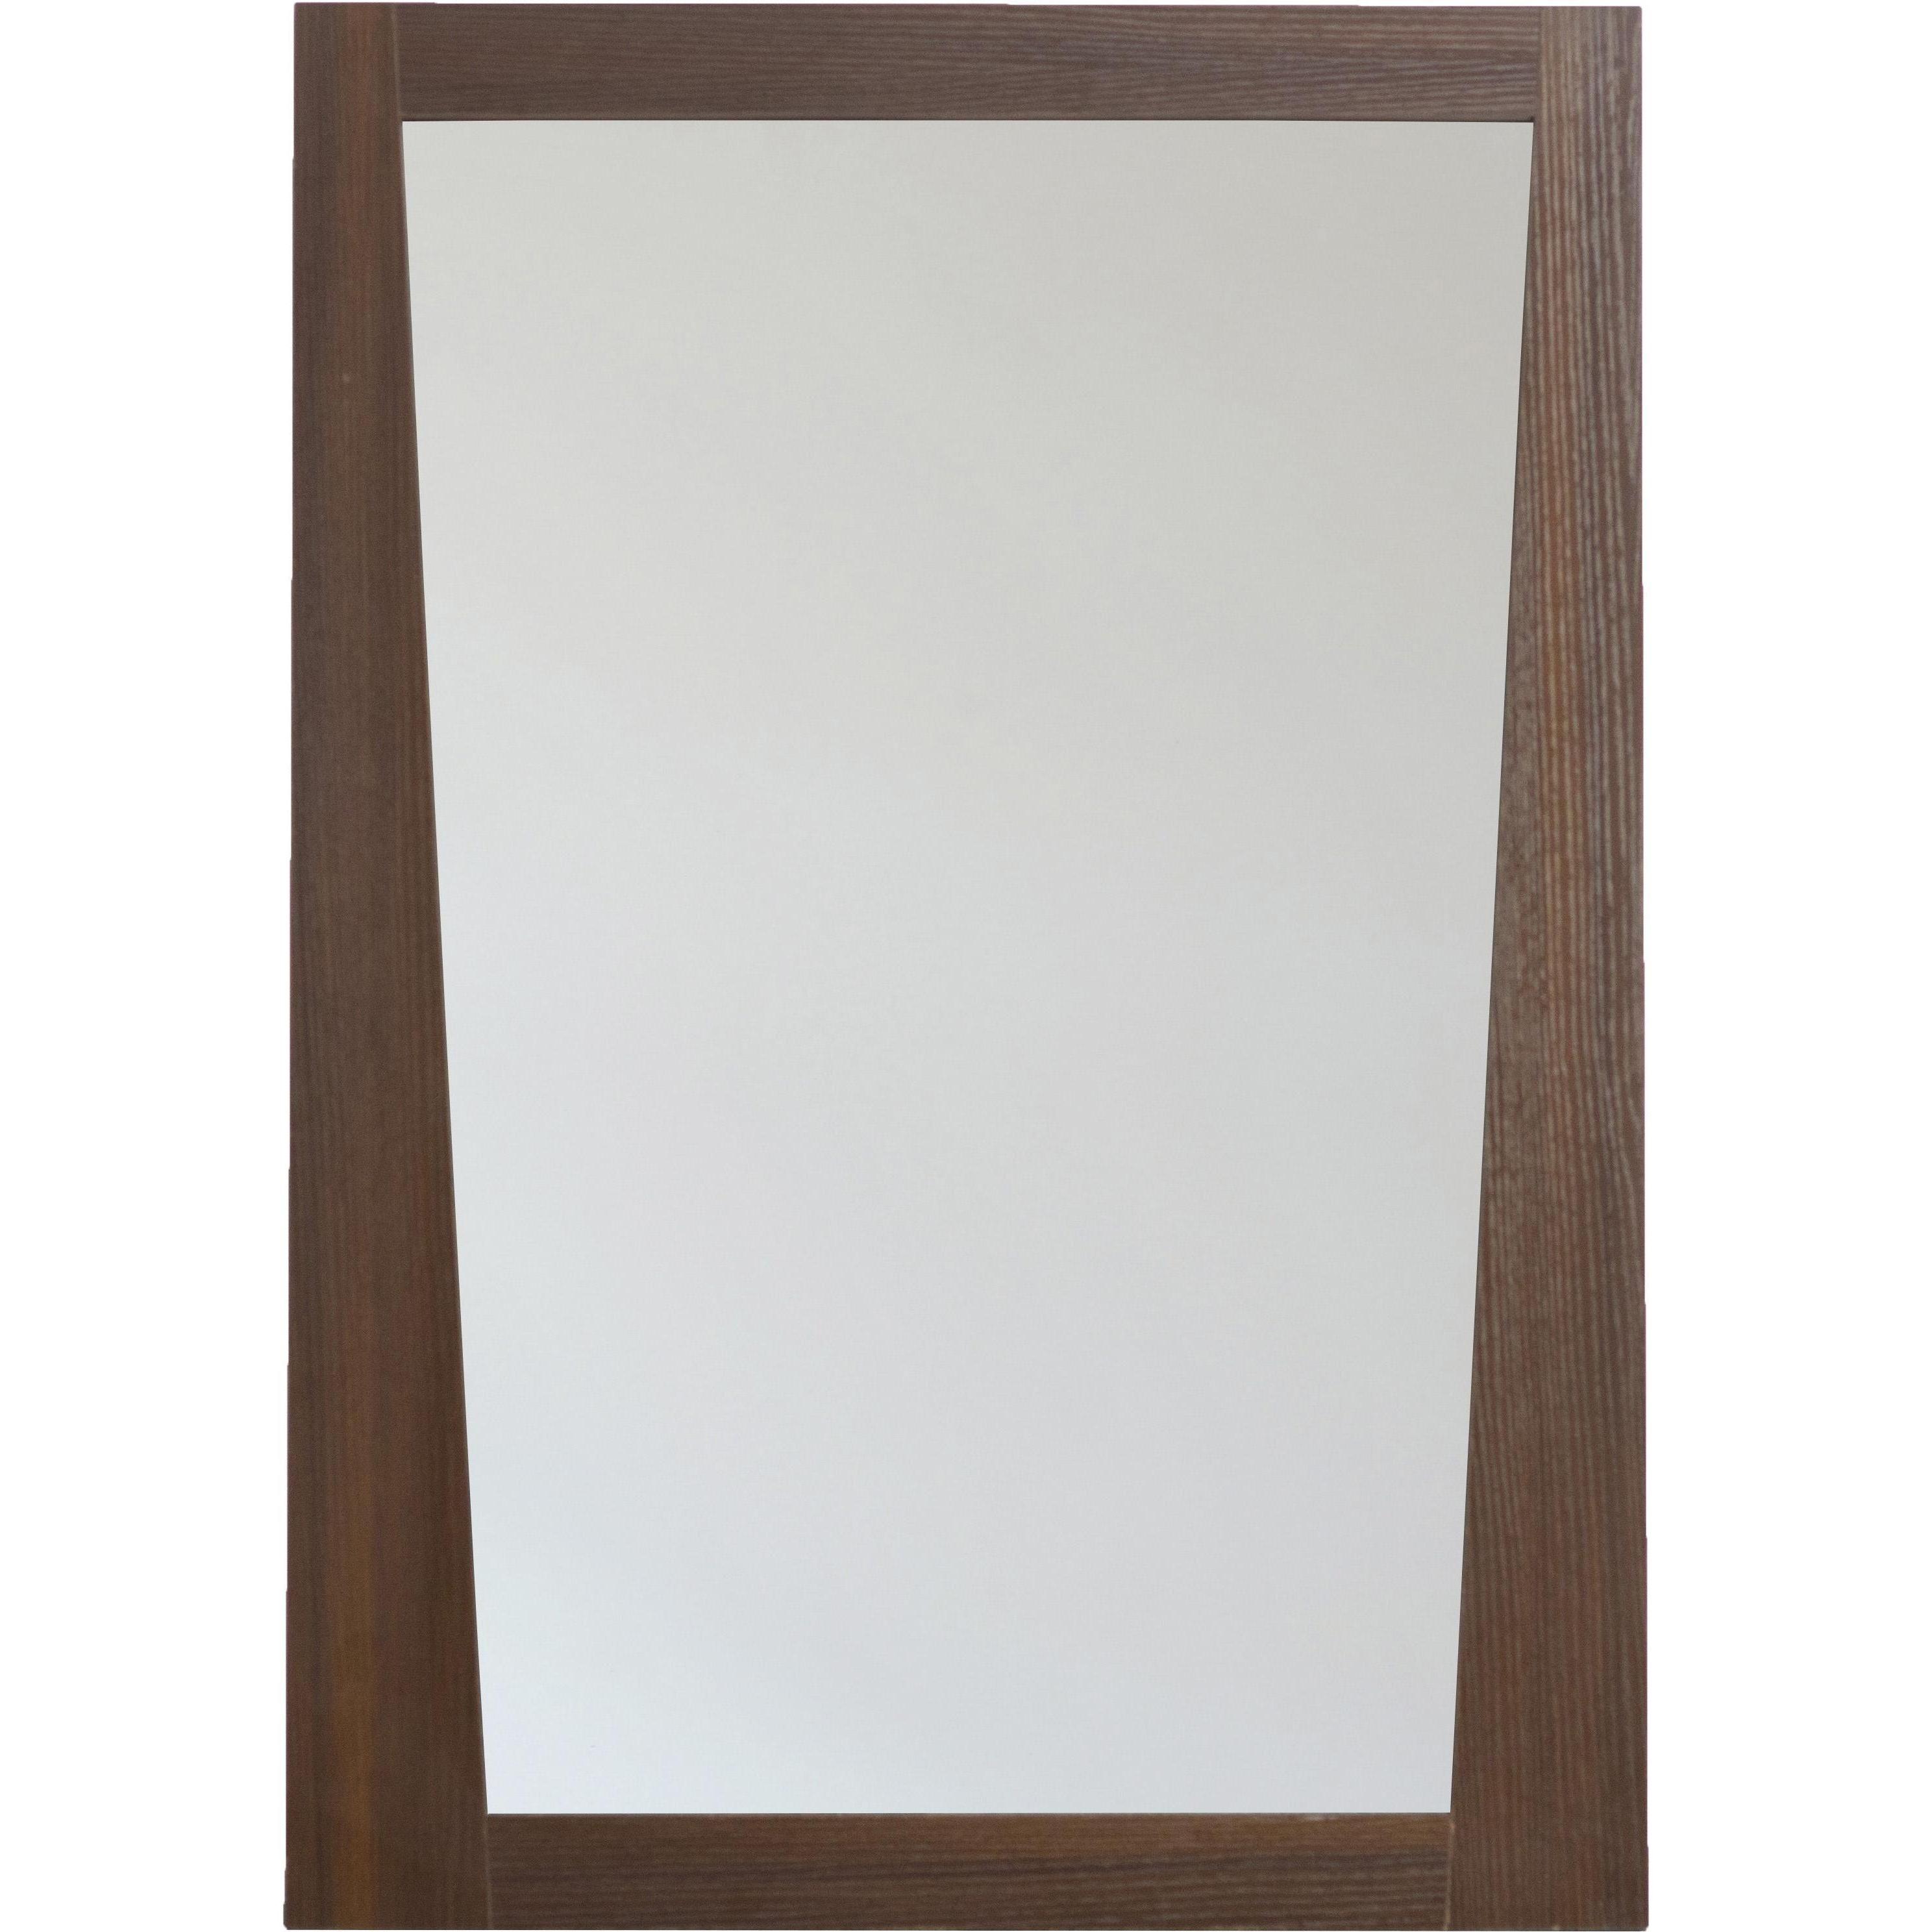 AI-3-1208 Modern Plywood-Melamine Wood Mirror, 24-Inch x 34-Inch ...